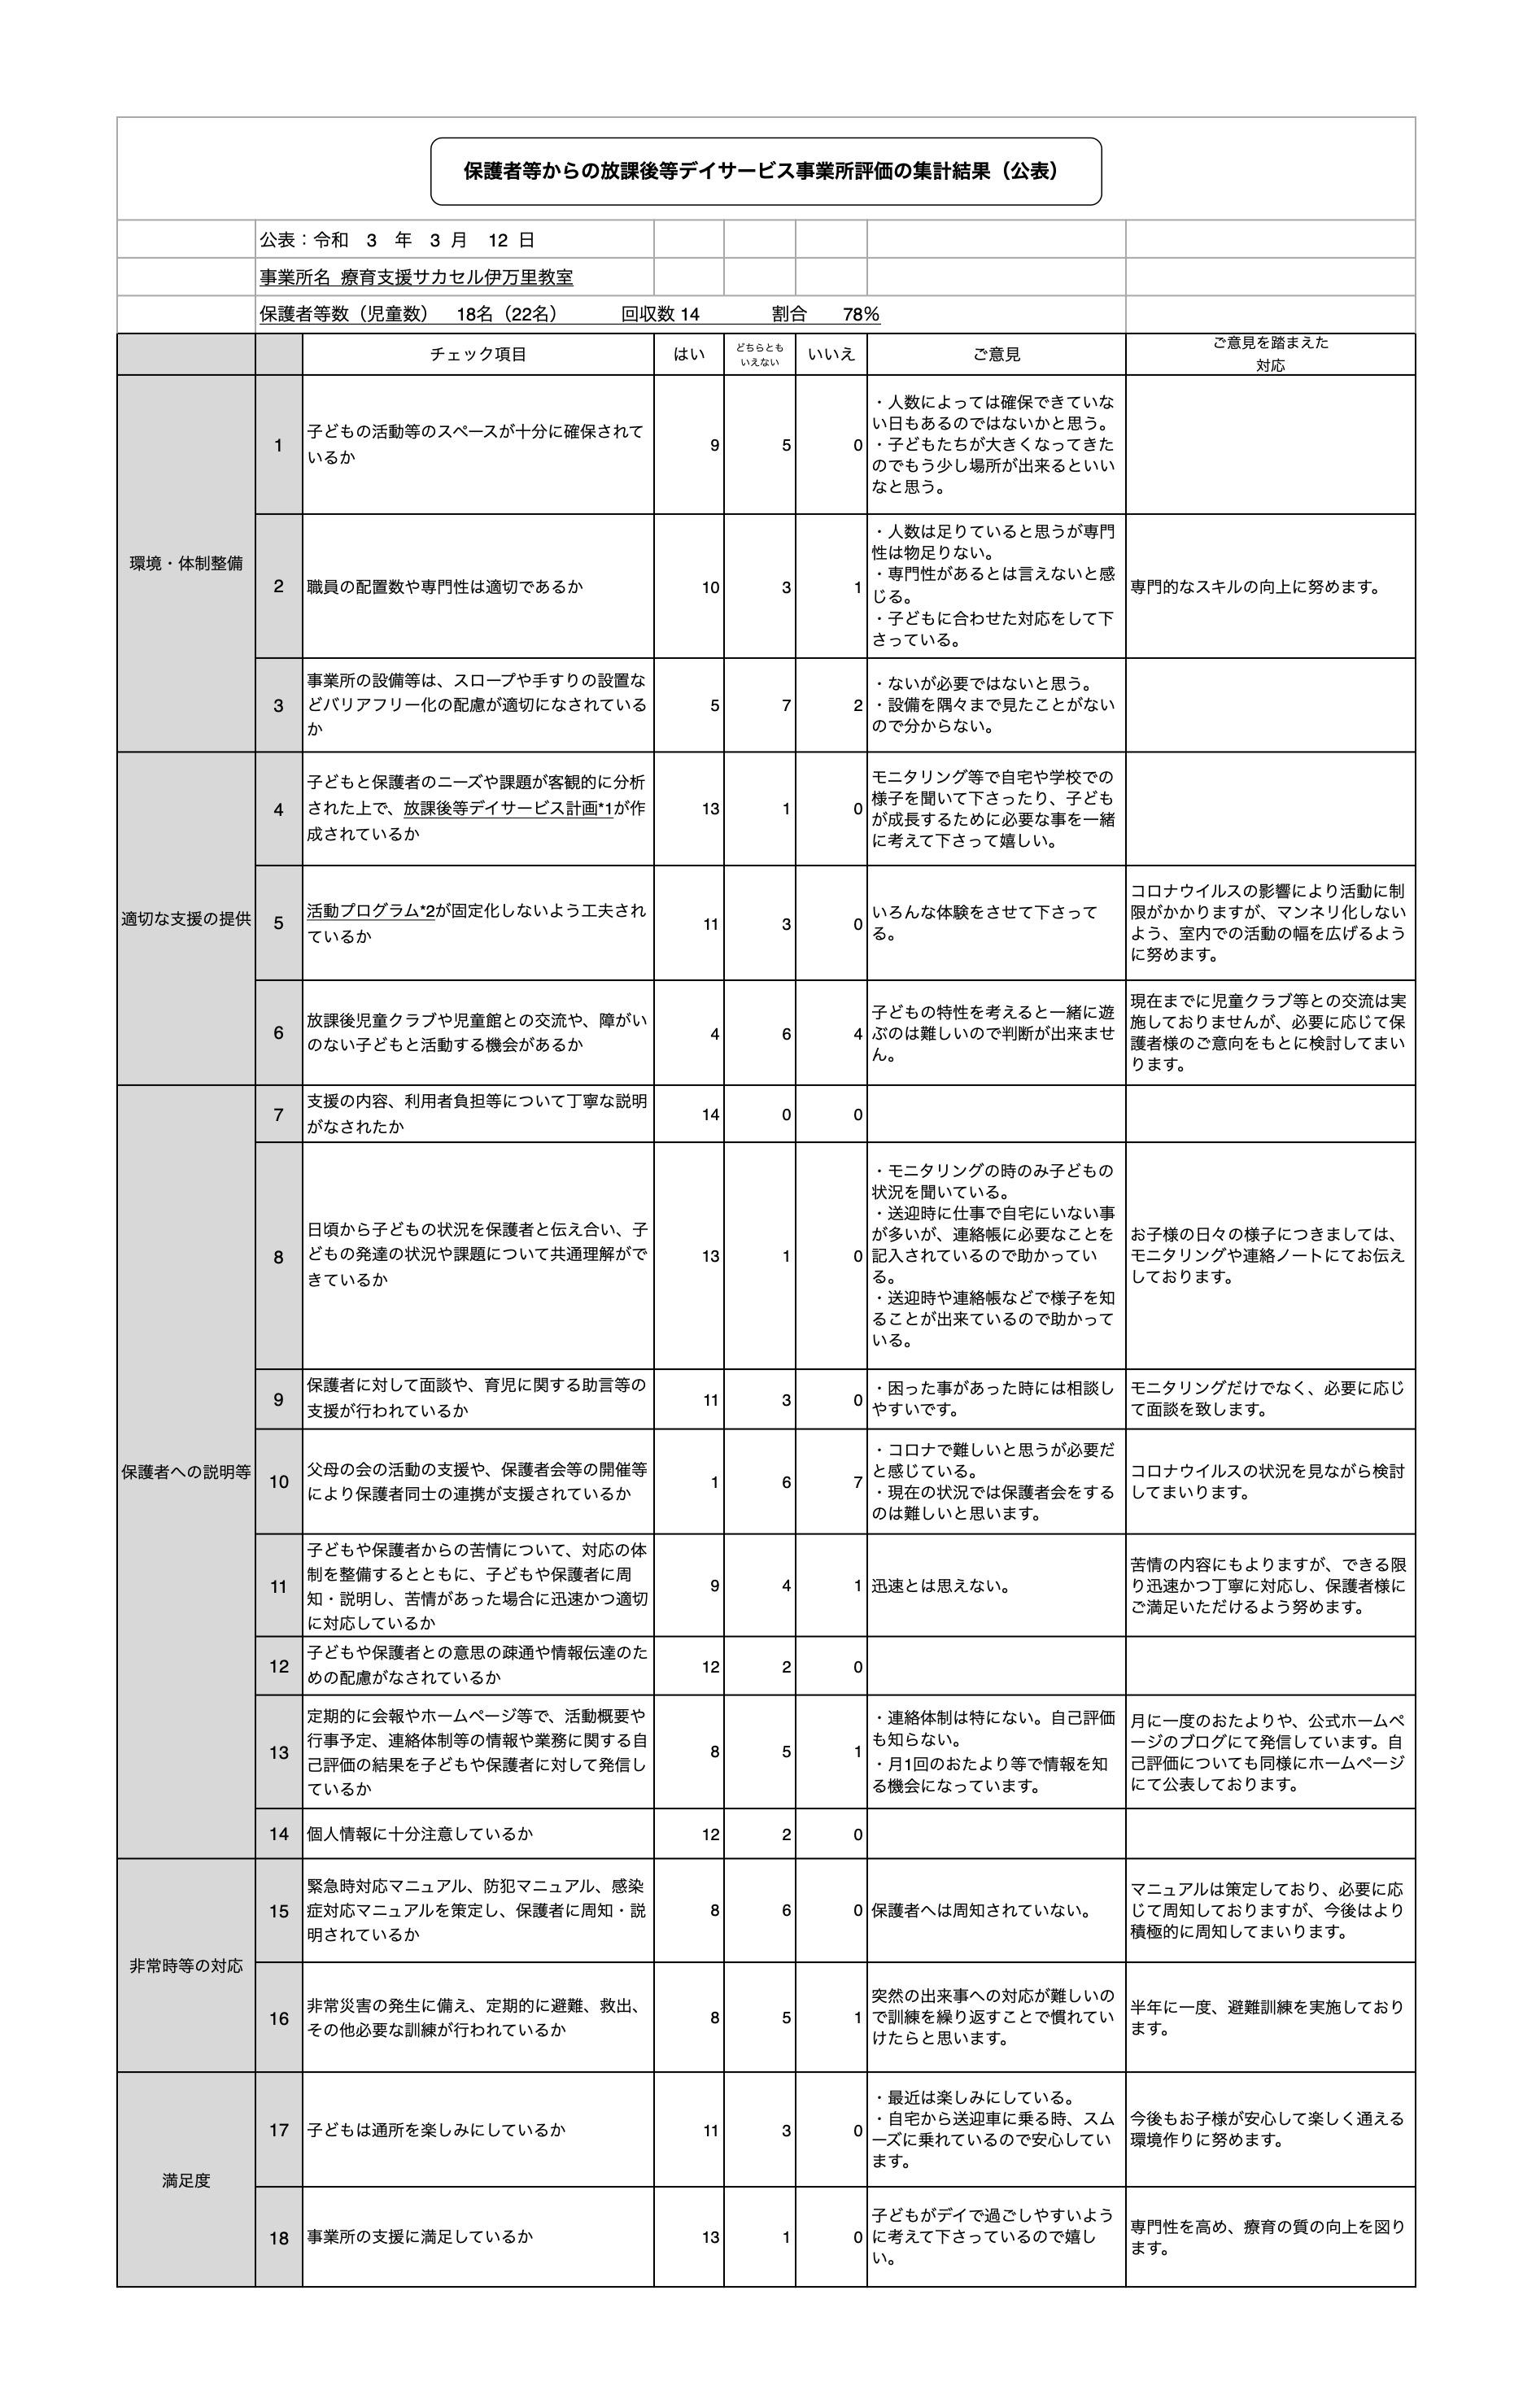 保護者等からの放課後等デイサービス事業所評価の集計結果(公表)